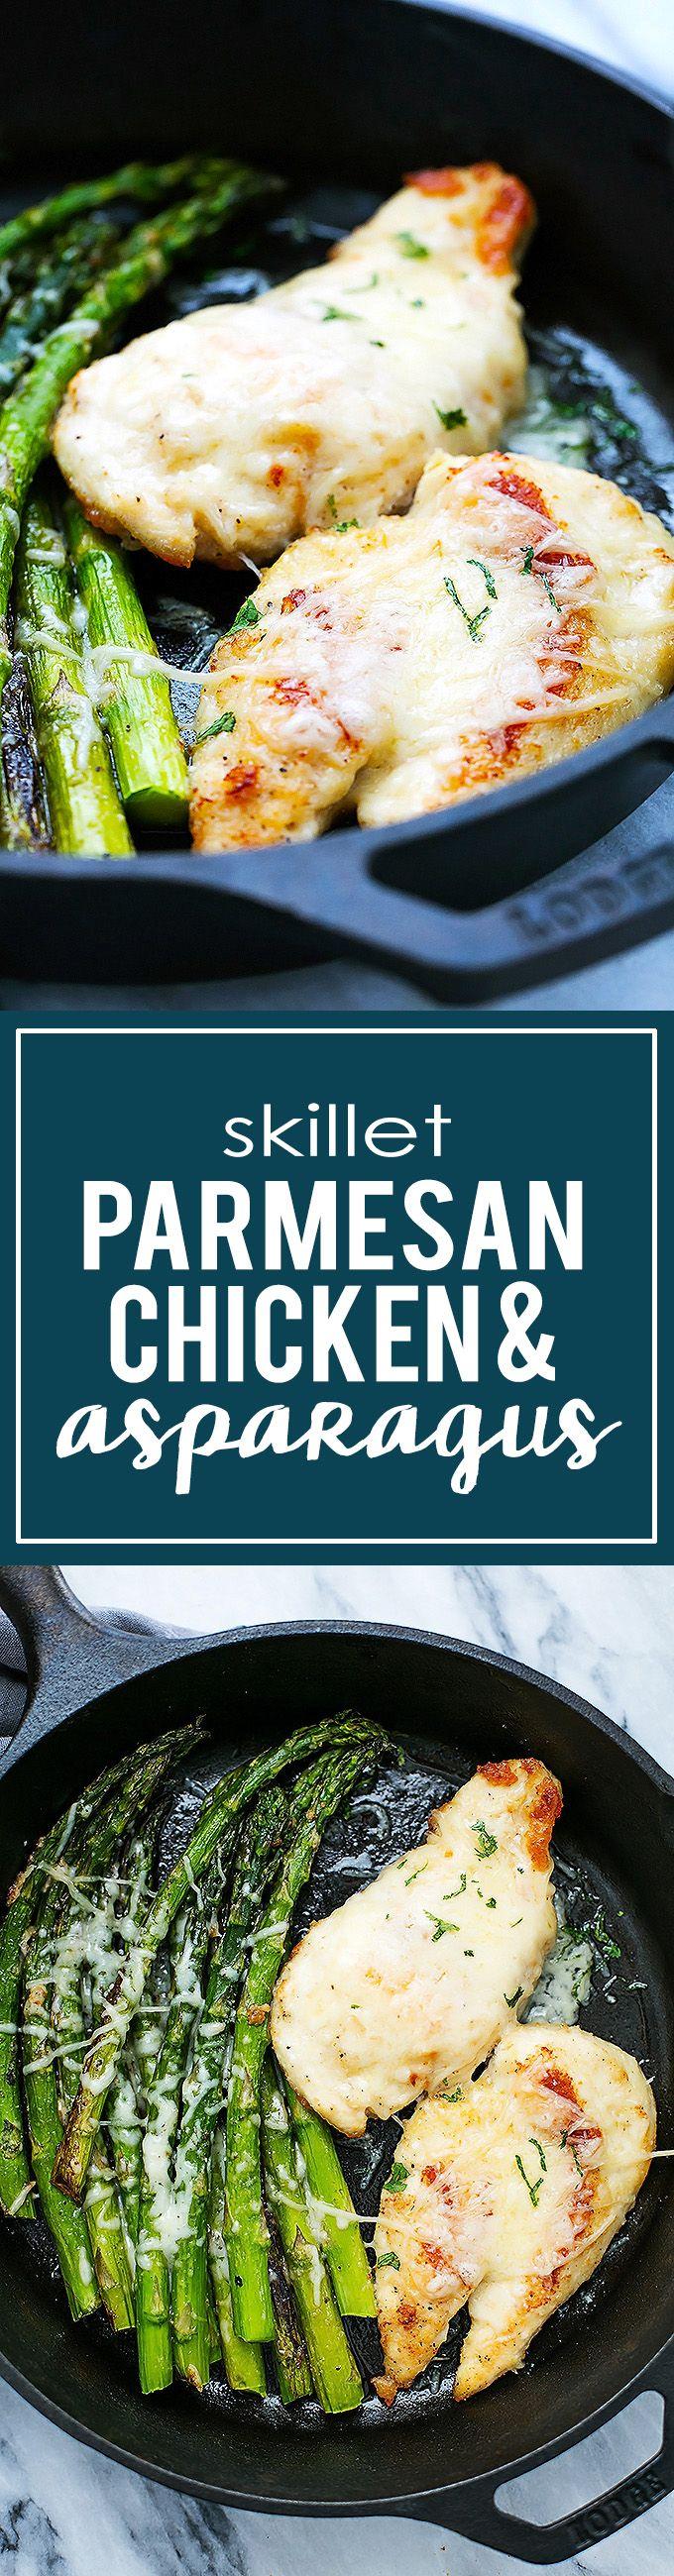 One Pan Skillet Parmesan Chicken & Asparagus | Creme de la Crumb